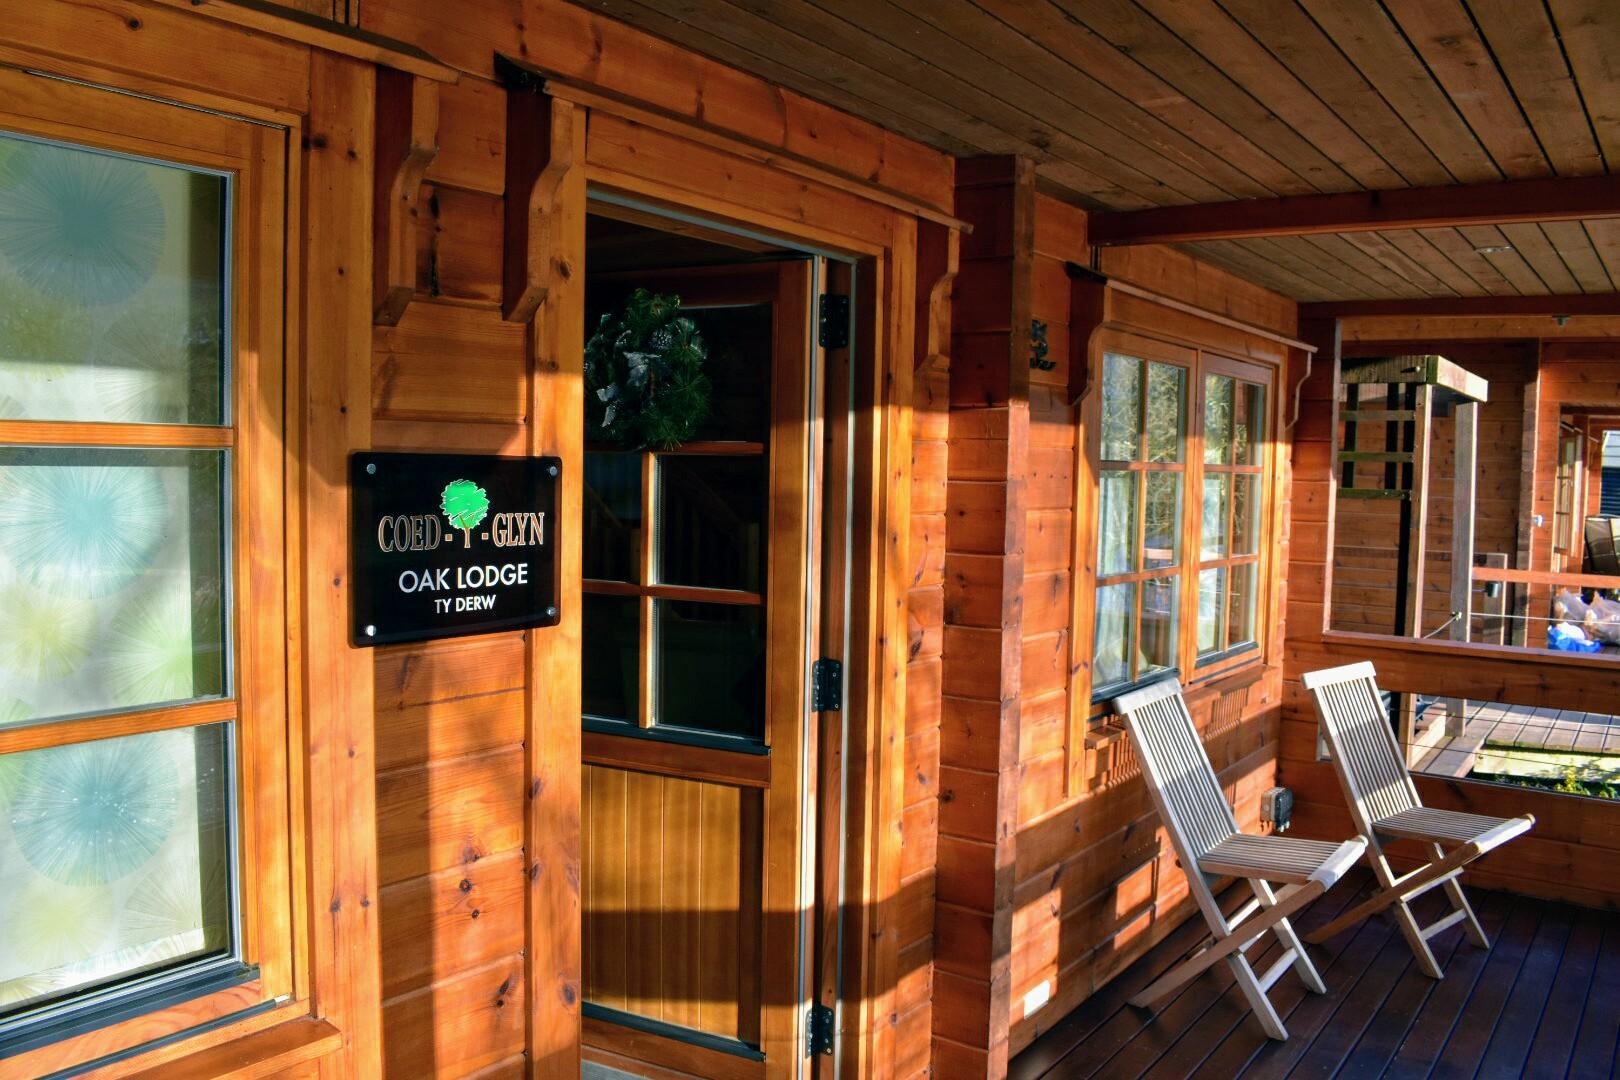 Coed-y-glyn Log Cabins, Glyndyfrdwy, Wales